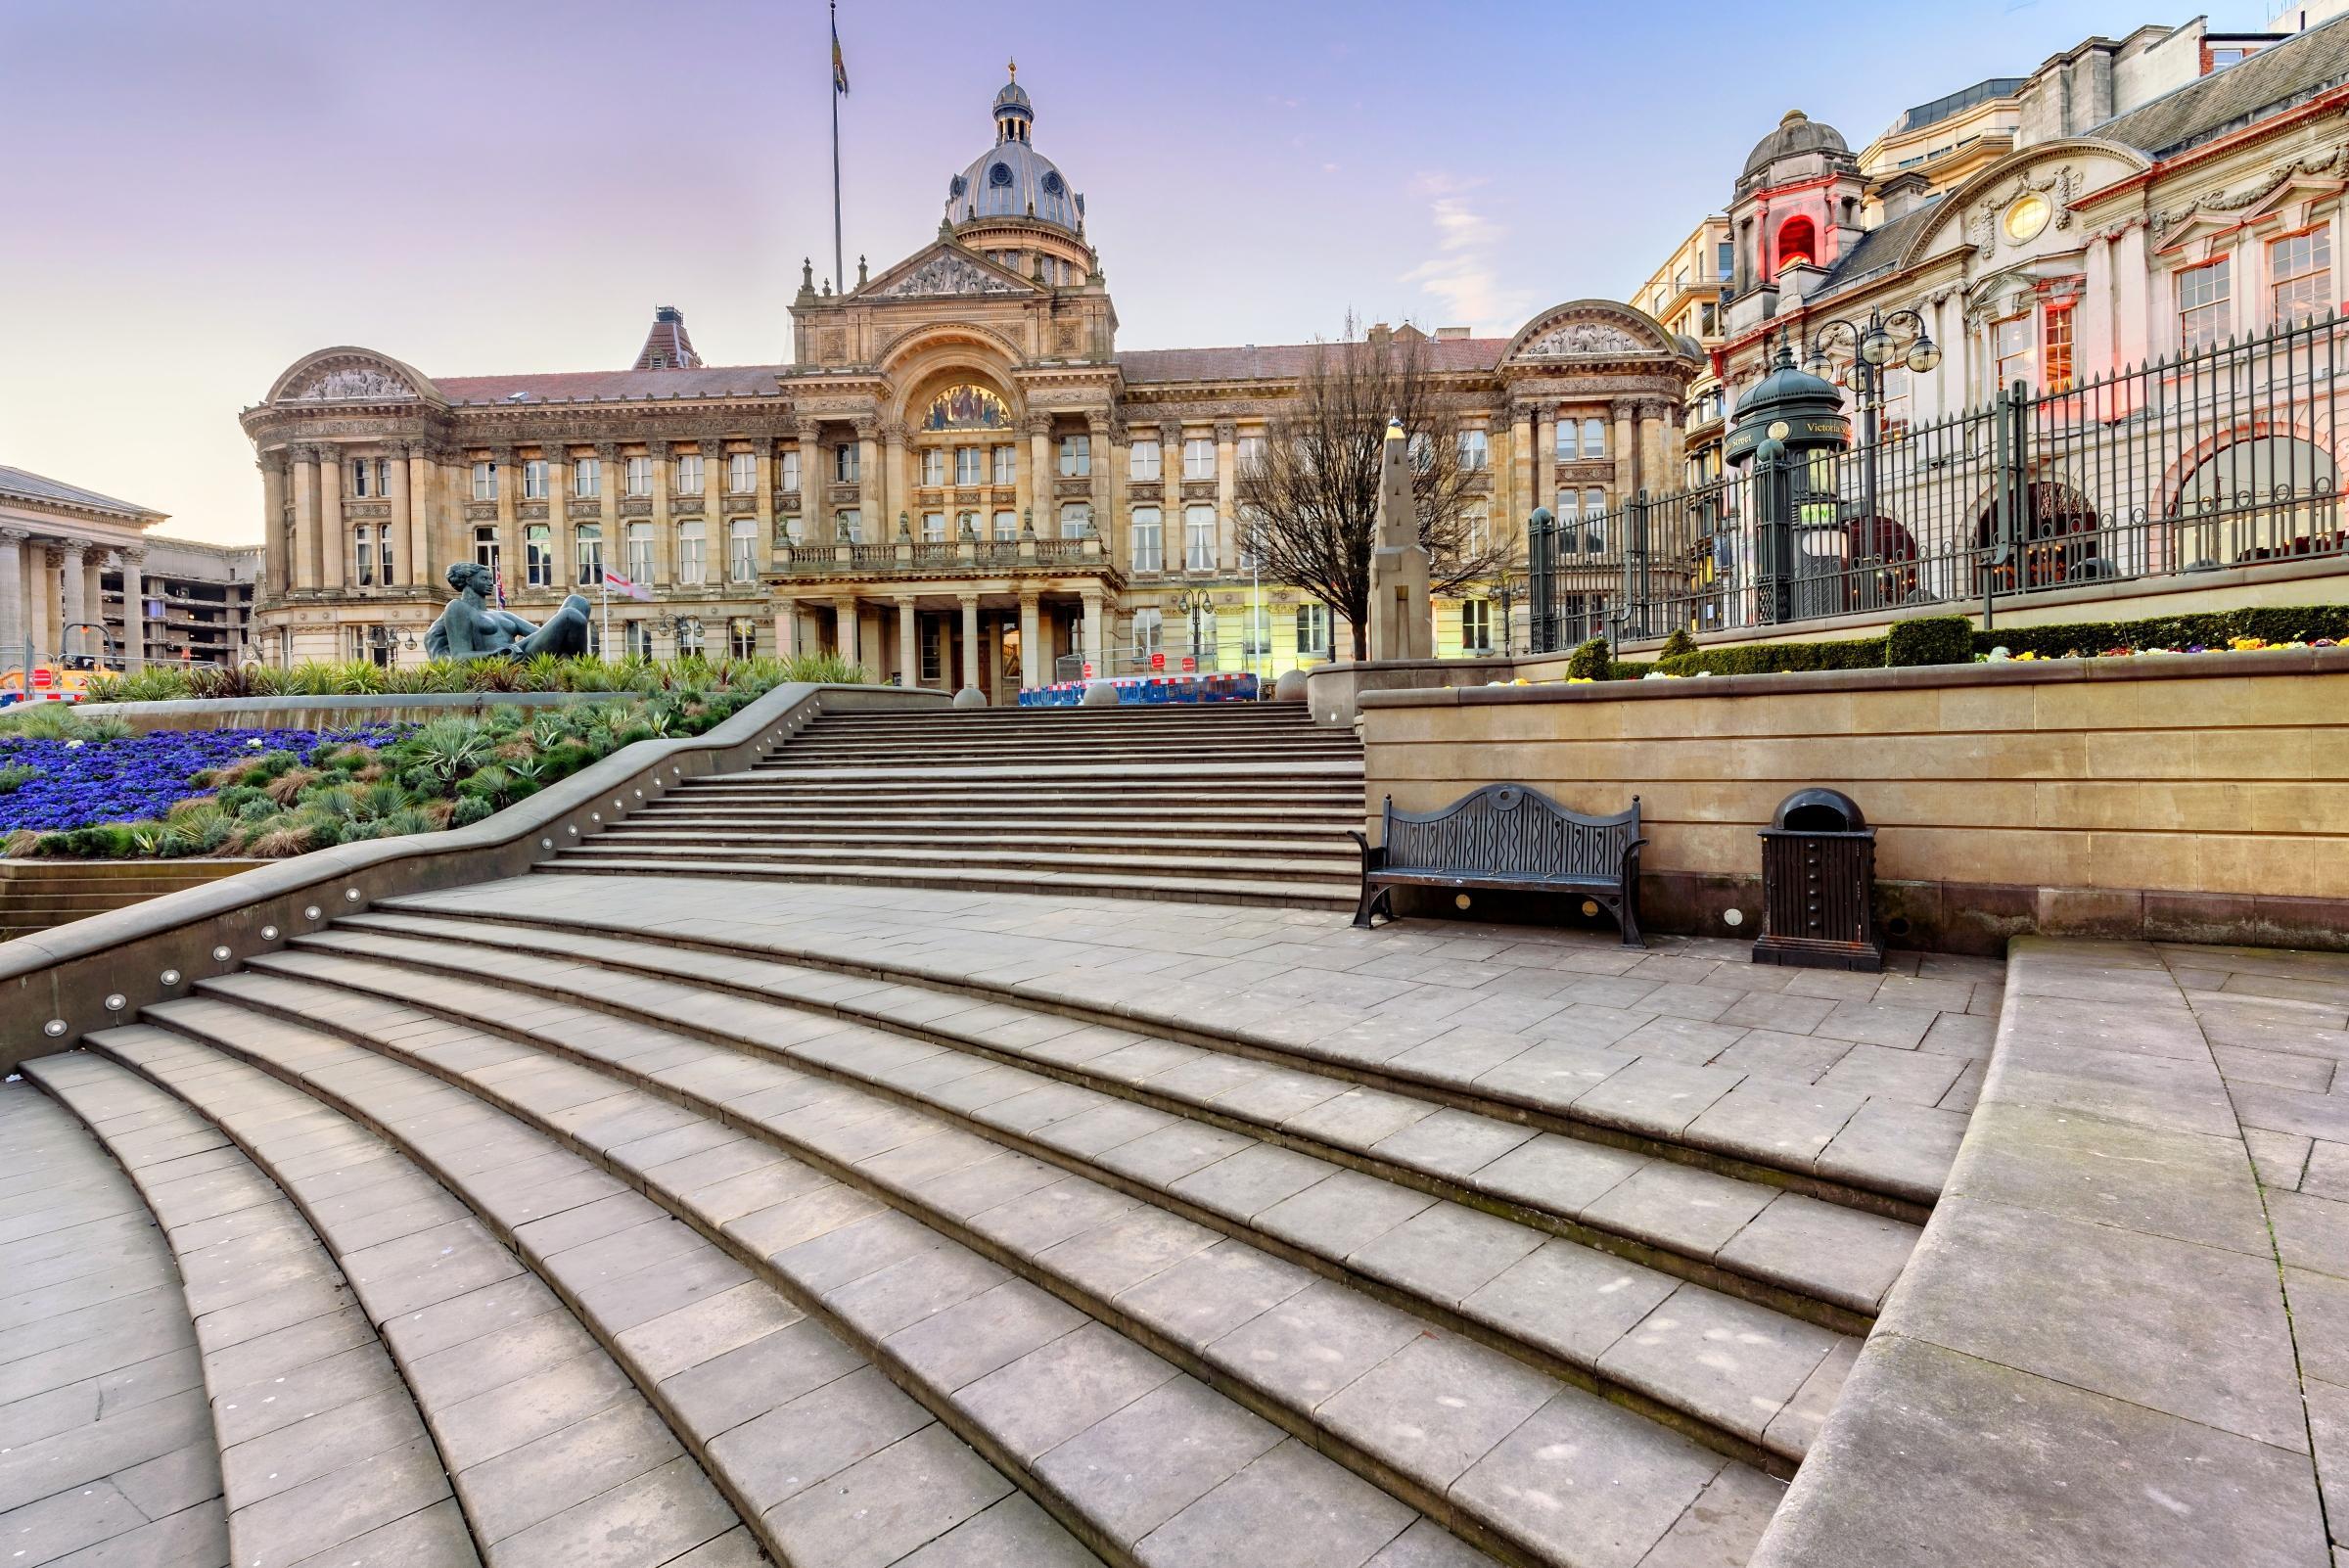 Victoria Square